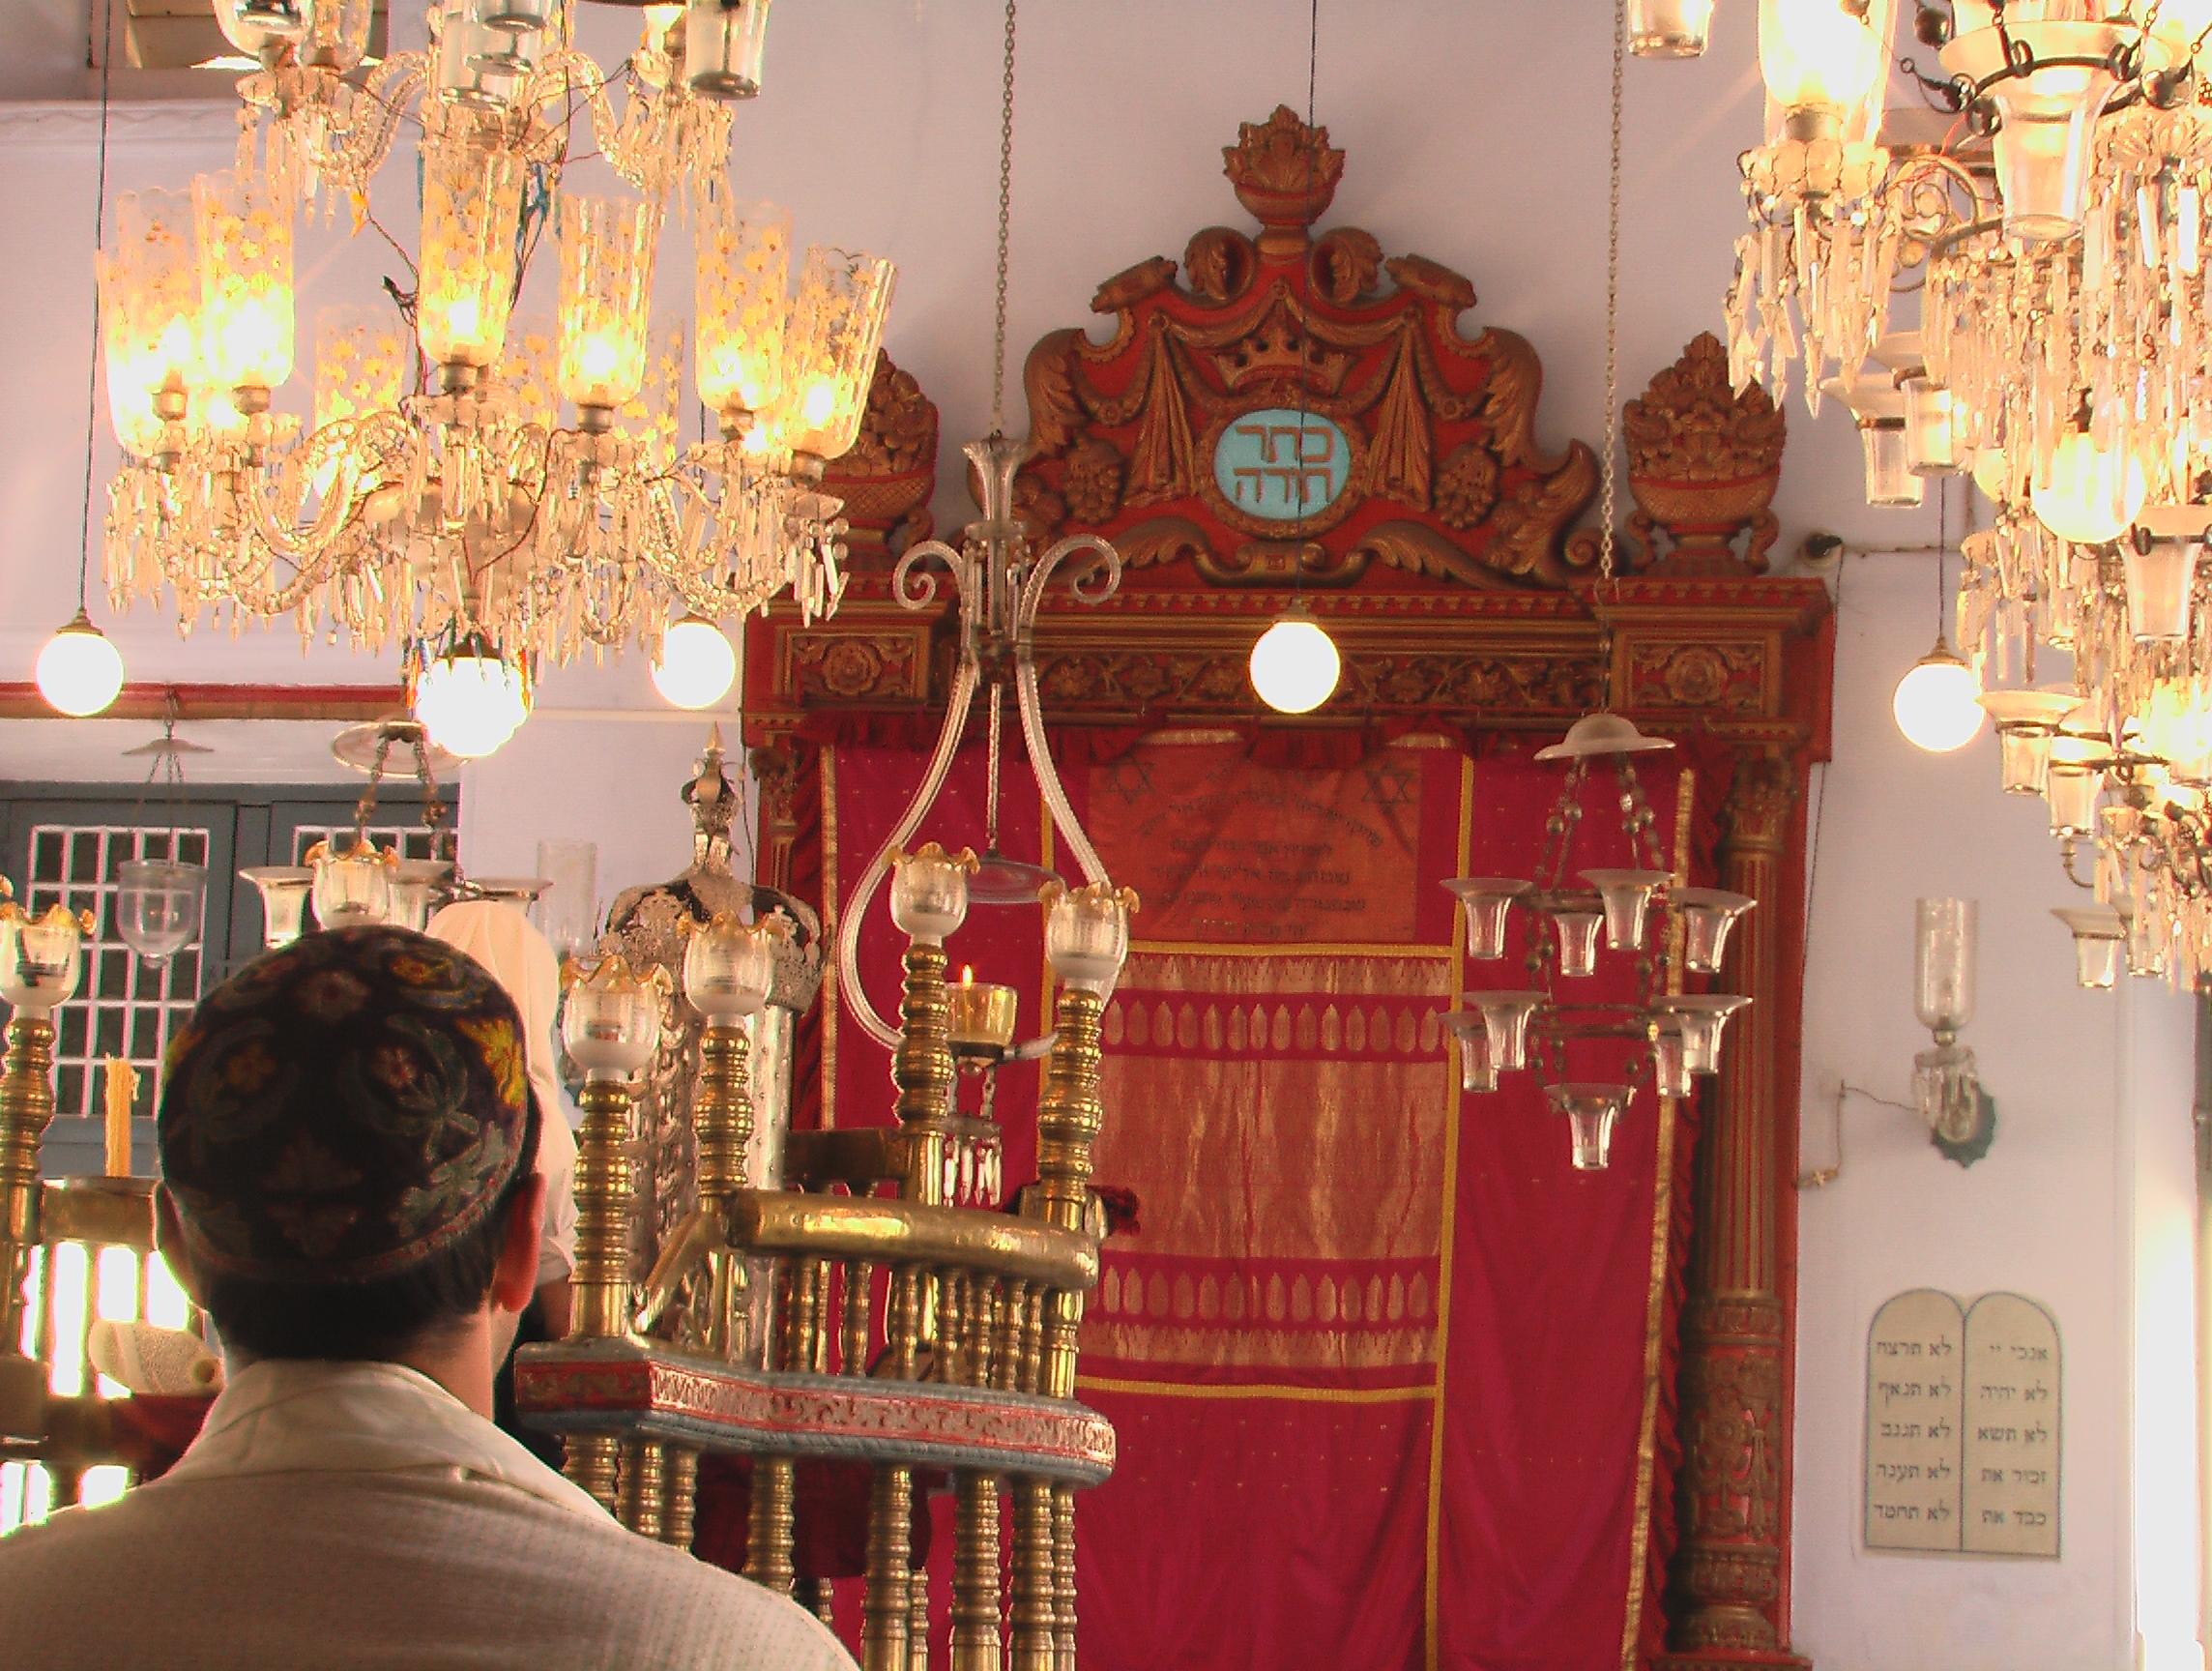 מתפלל בבית הכנסת היהודי העתיק של קהילת קוצ'ין במדינת קרלה